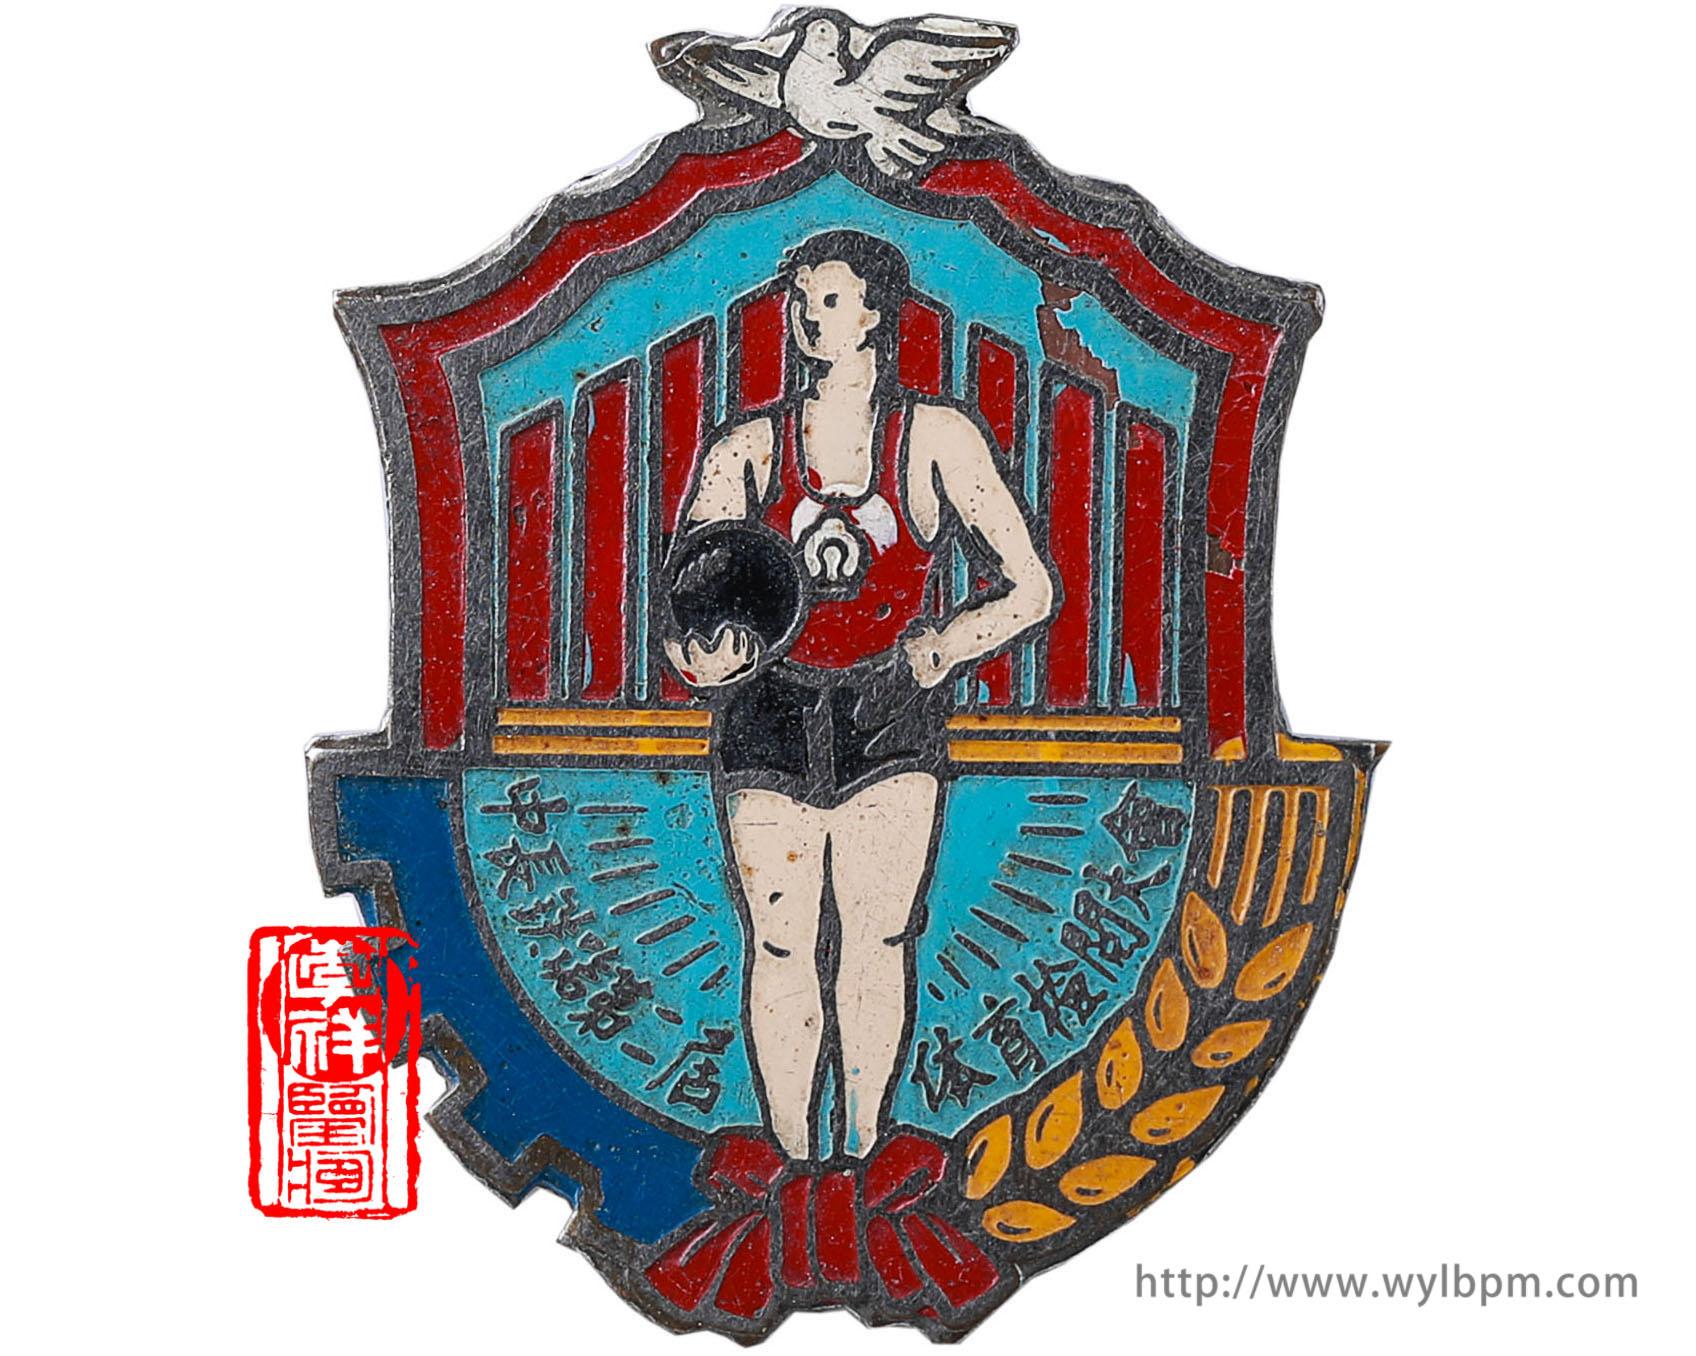 体育徽章,奥林匹克徽章,体育奖牌,运动会奖牌,体育奖杯,体育纪念章,收藏李祥,奥运火炬,体育博物馆,中长铁路第二届体育检阅大会纪念章